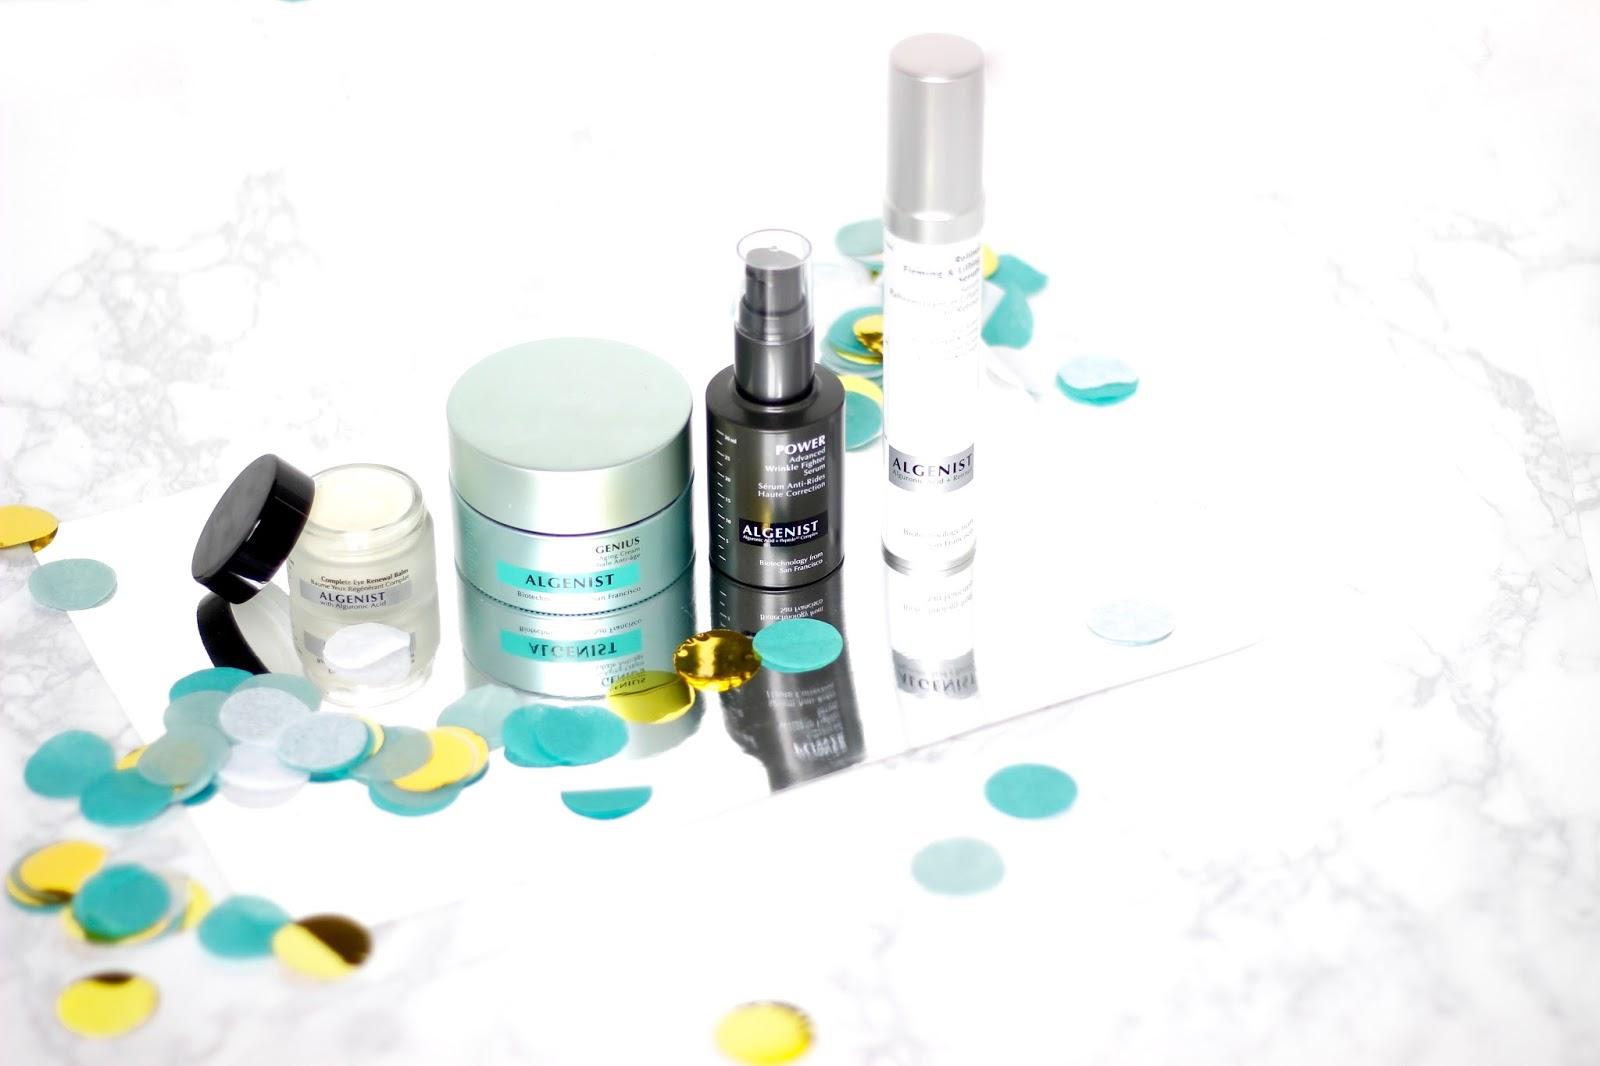 Algenist skincare